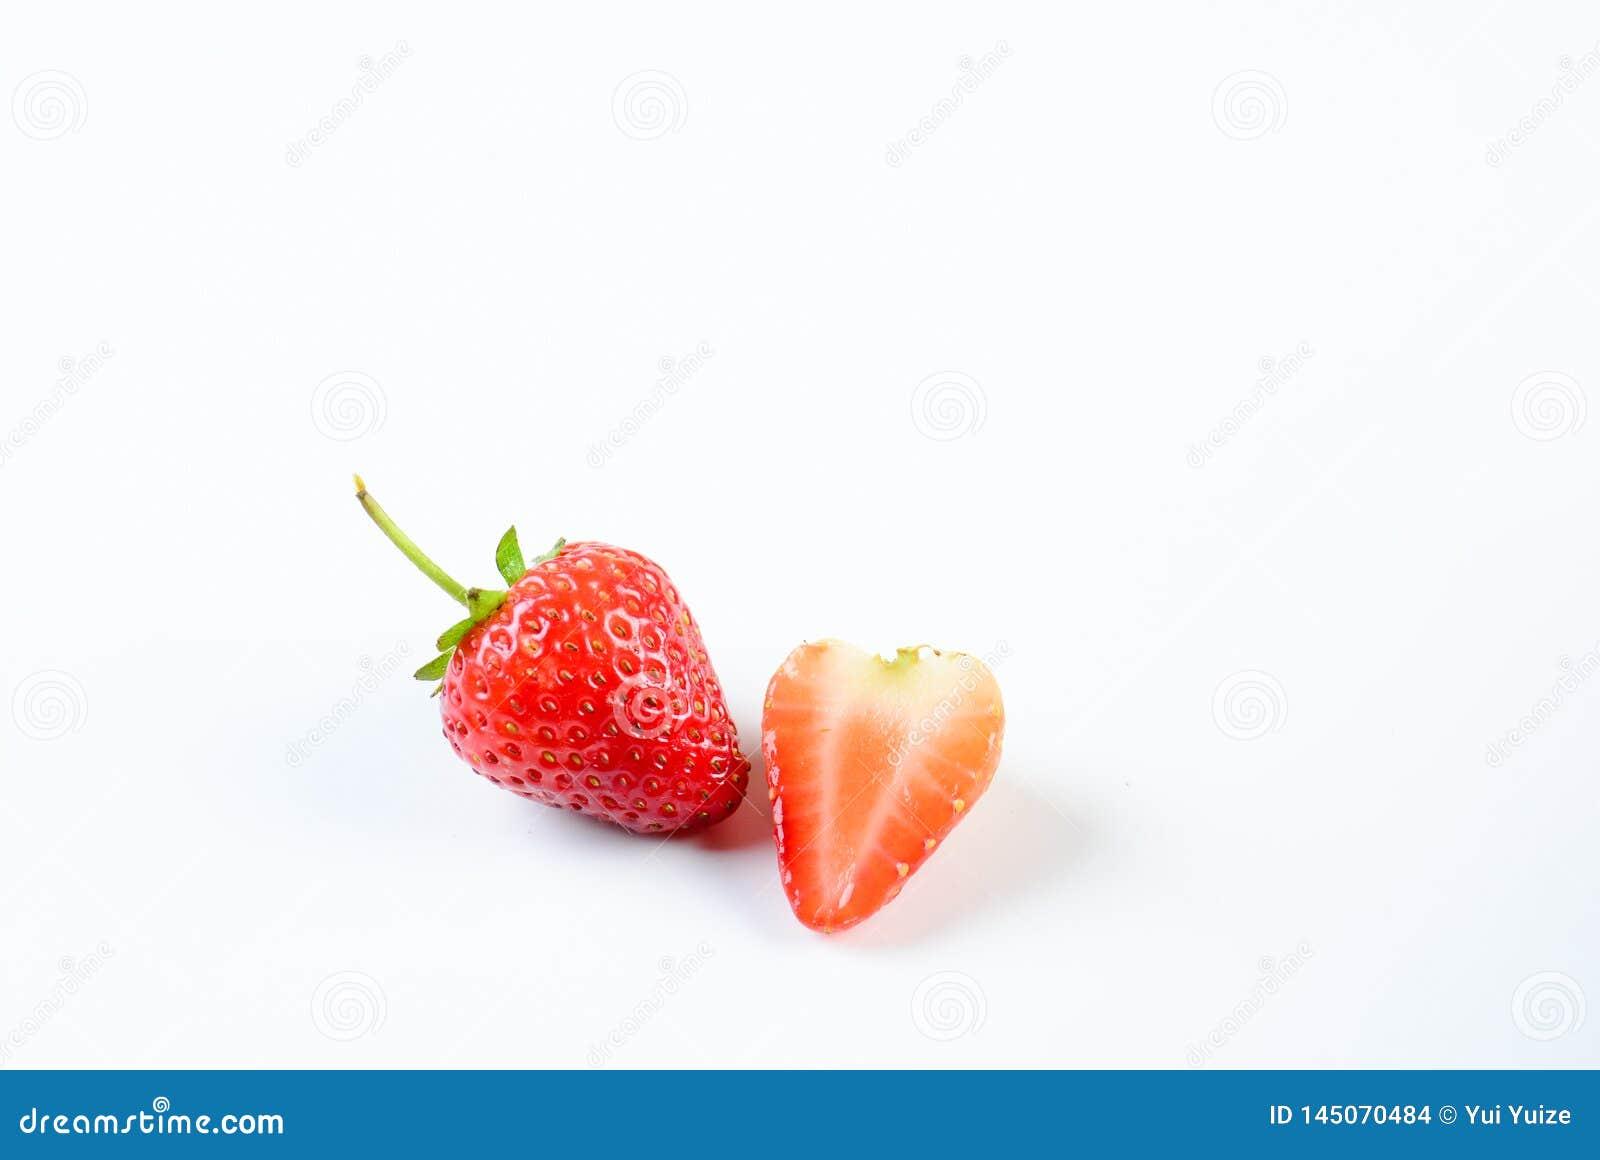 在白色背景的草莓